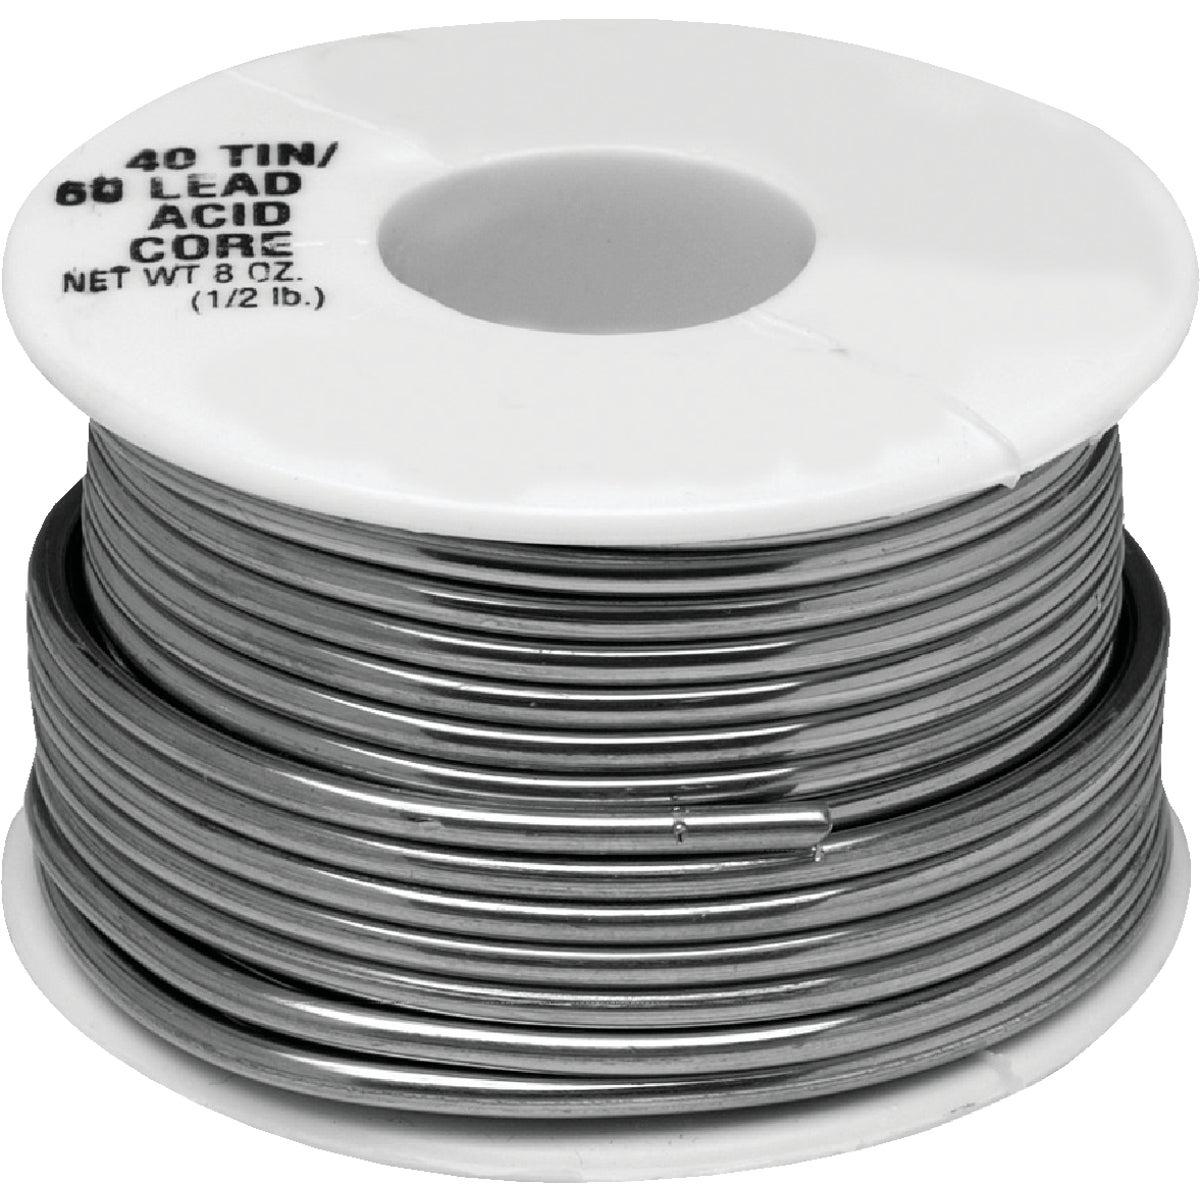 Do-It/Oatey 1/2LB 40/60 AC SOLDER 356377